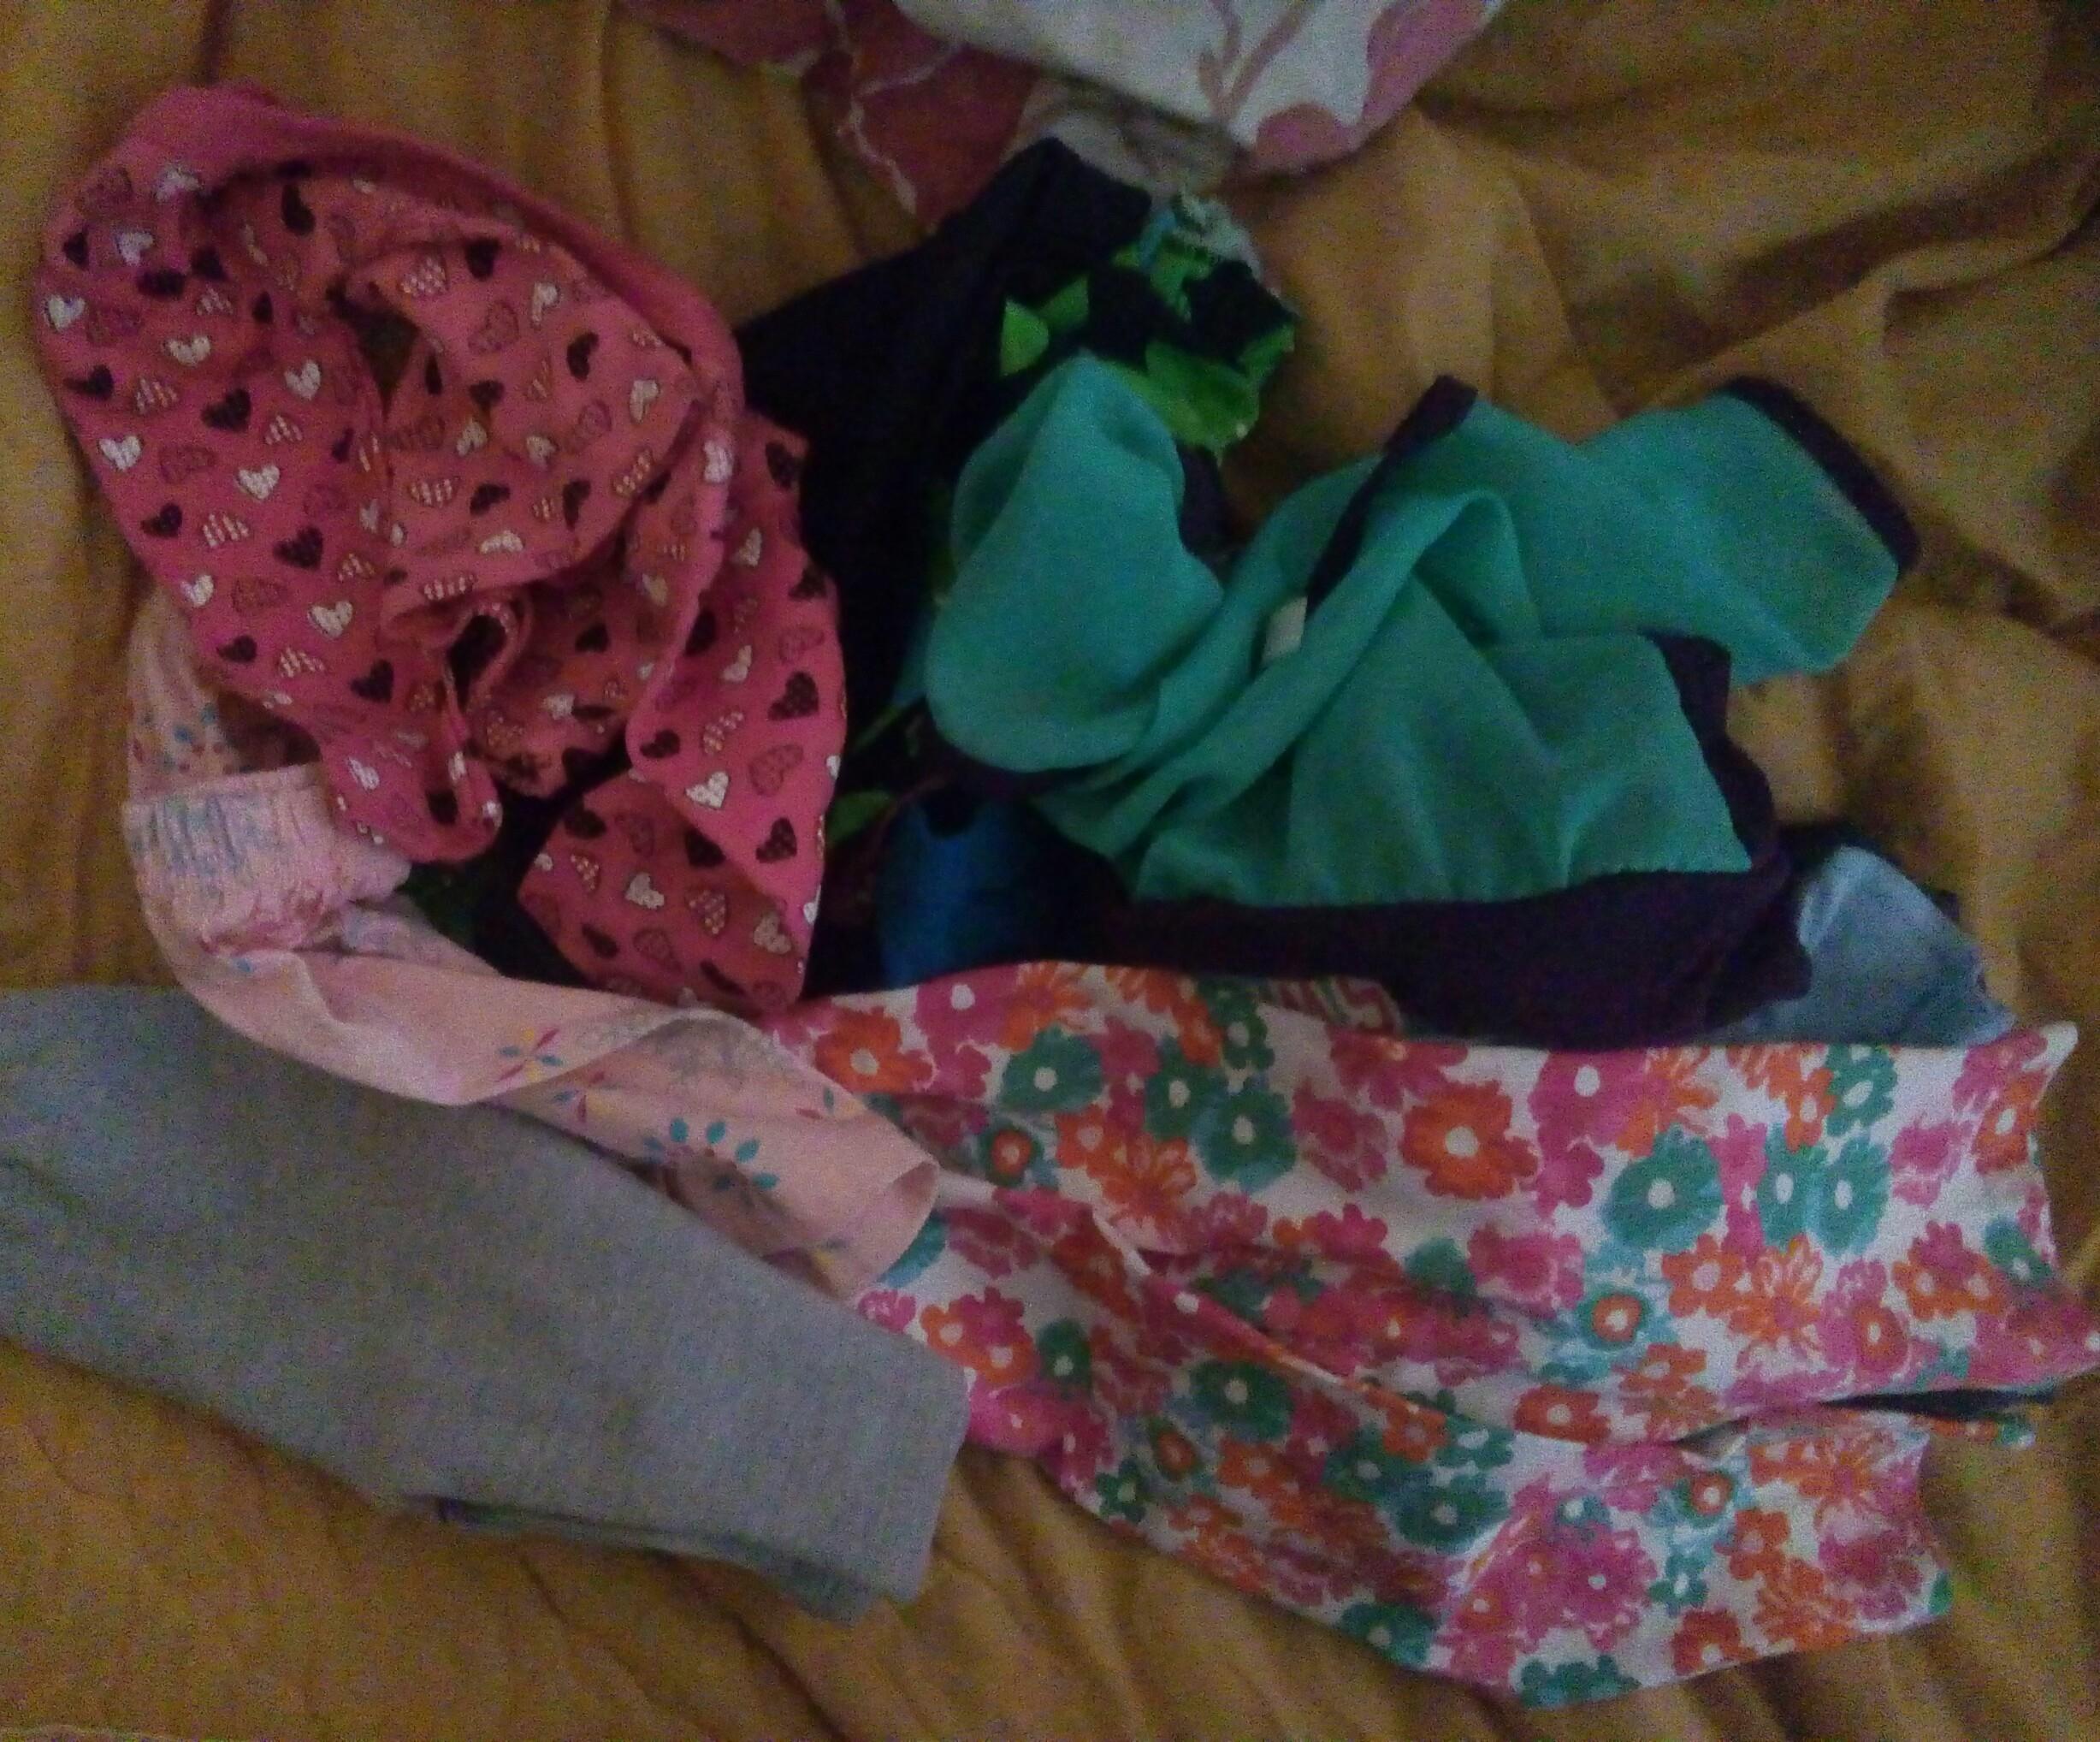 Chedraui anfora: Liquidación en ropa! Desde 10 pesos para toda la familia